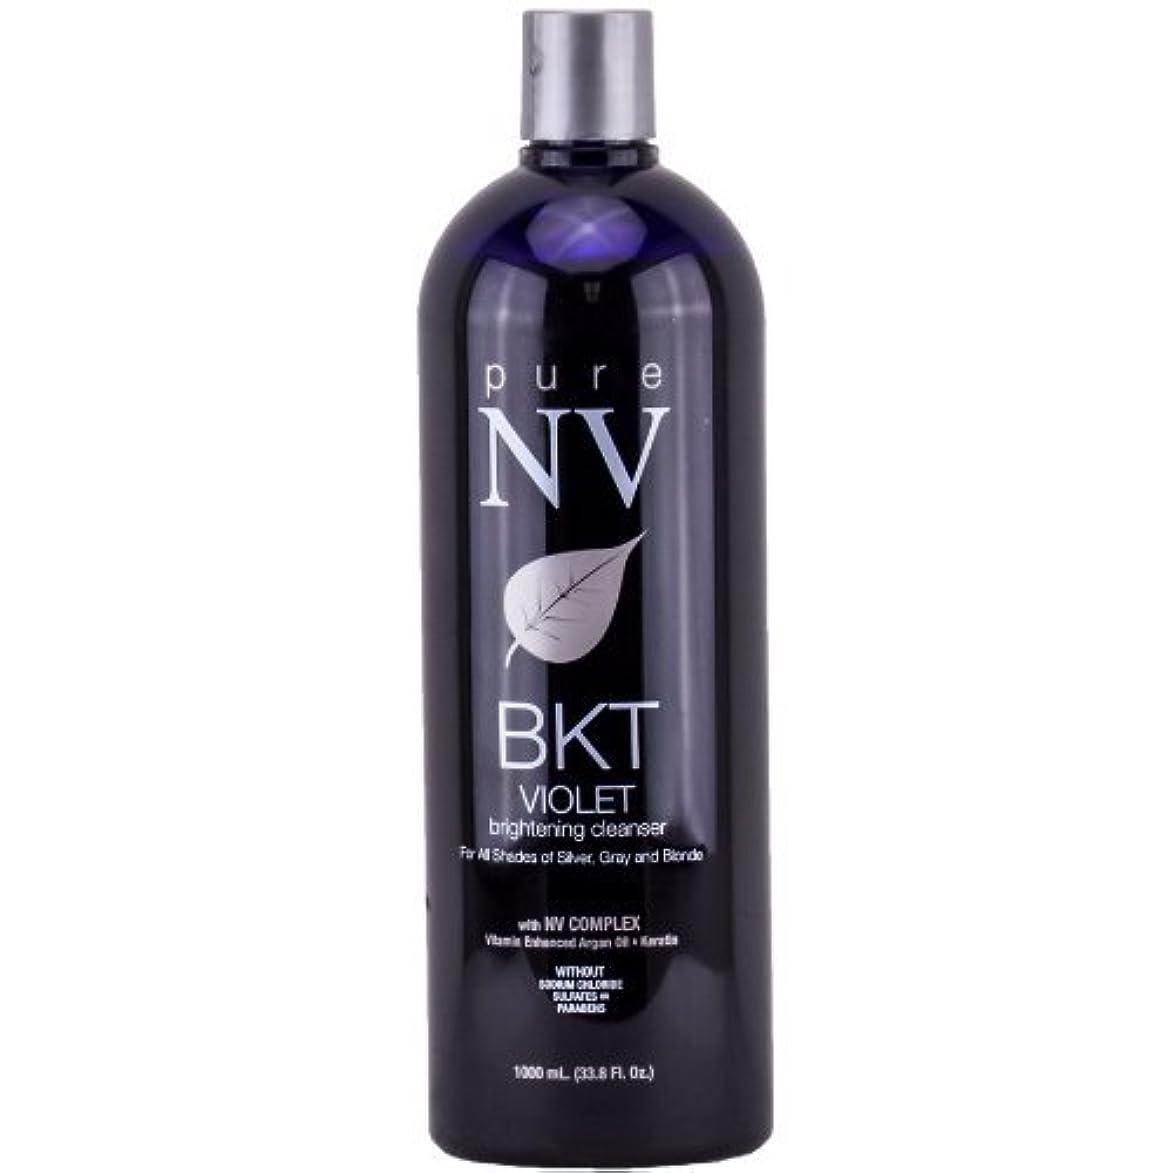 省粒子小説家Pure NV BKT バイオレットブライトニングクレンザー - 33.8オンス 33.8オンス